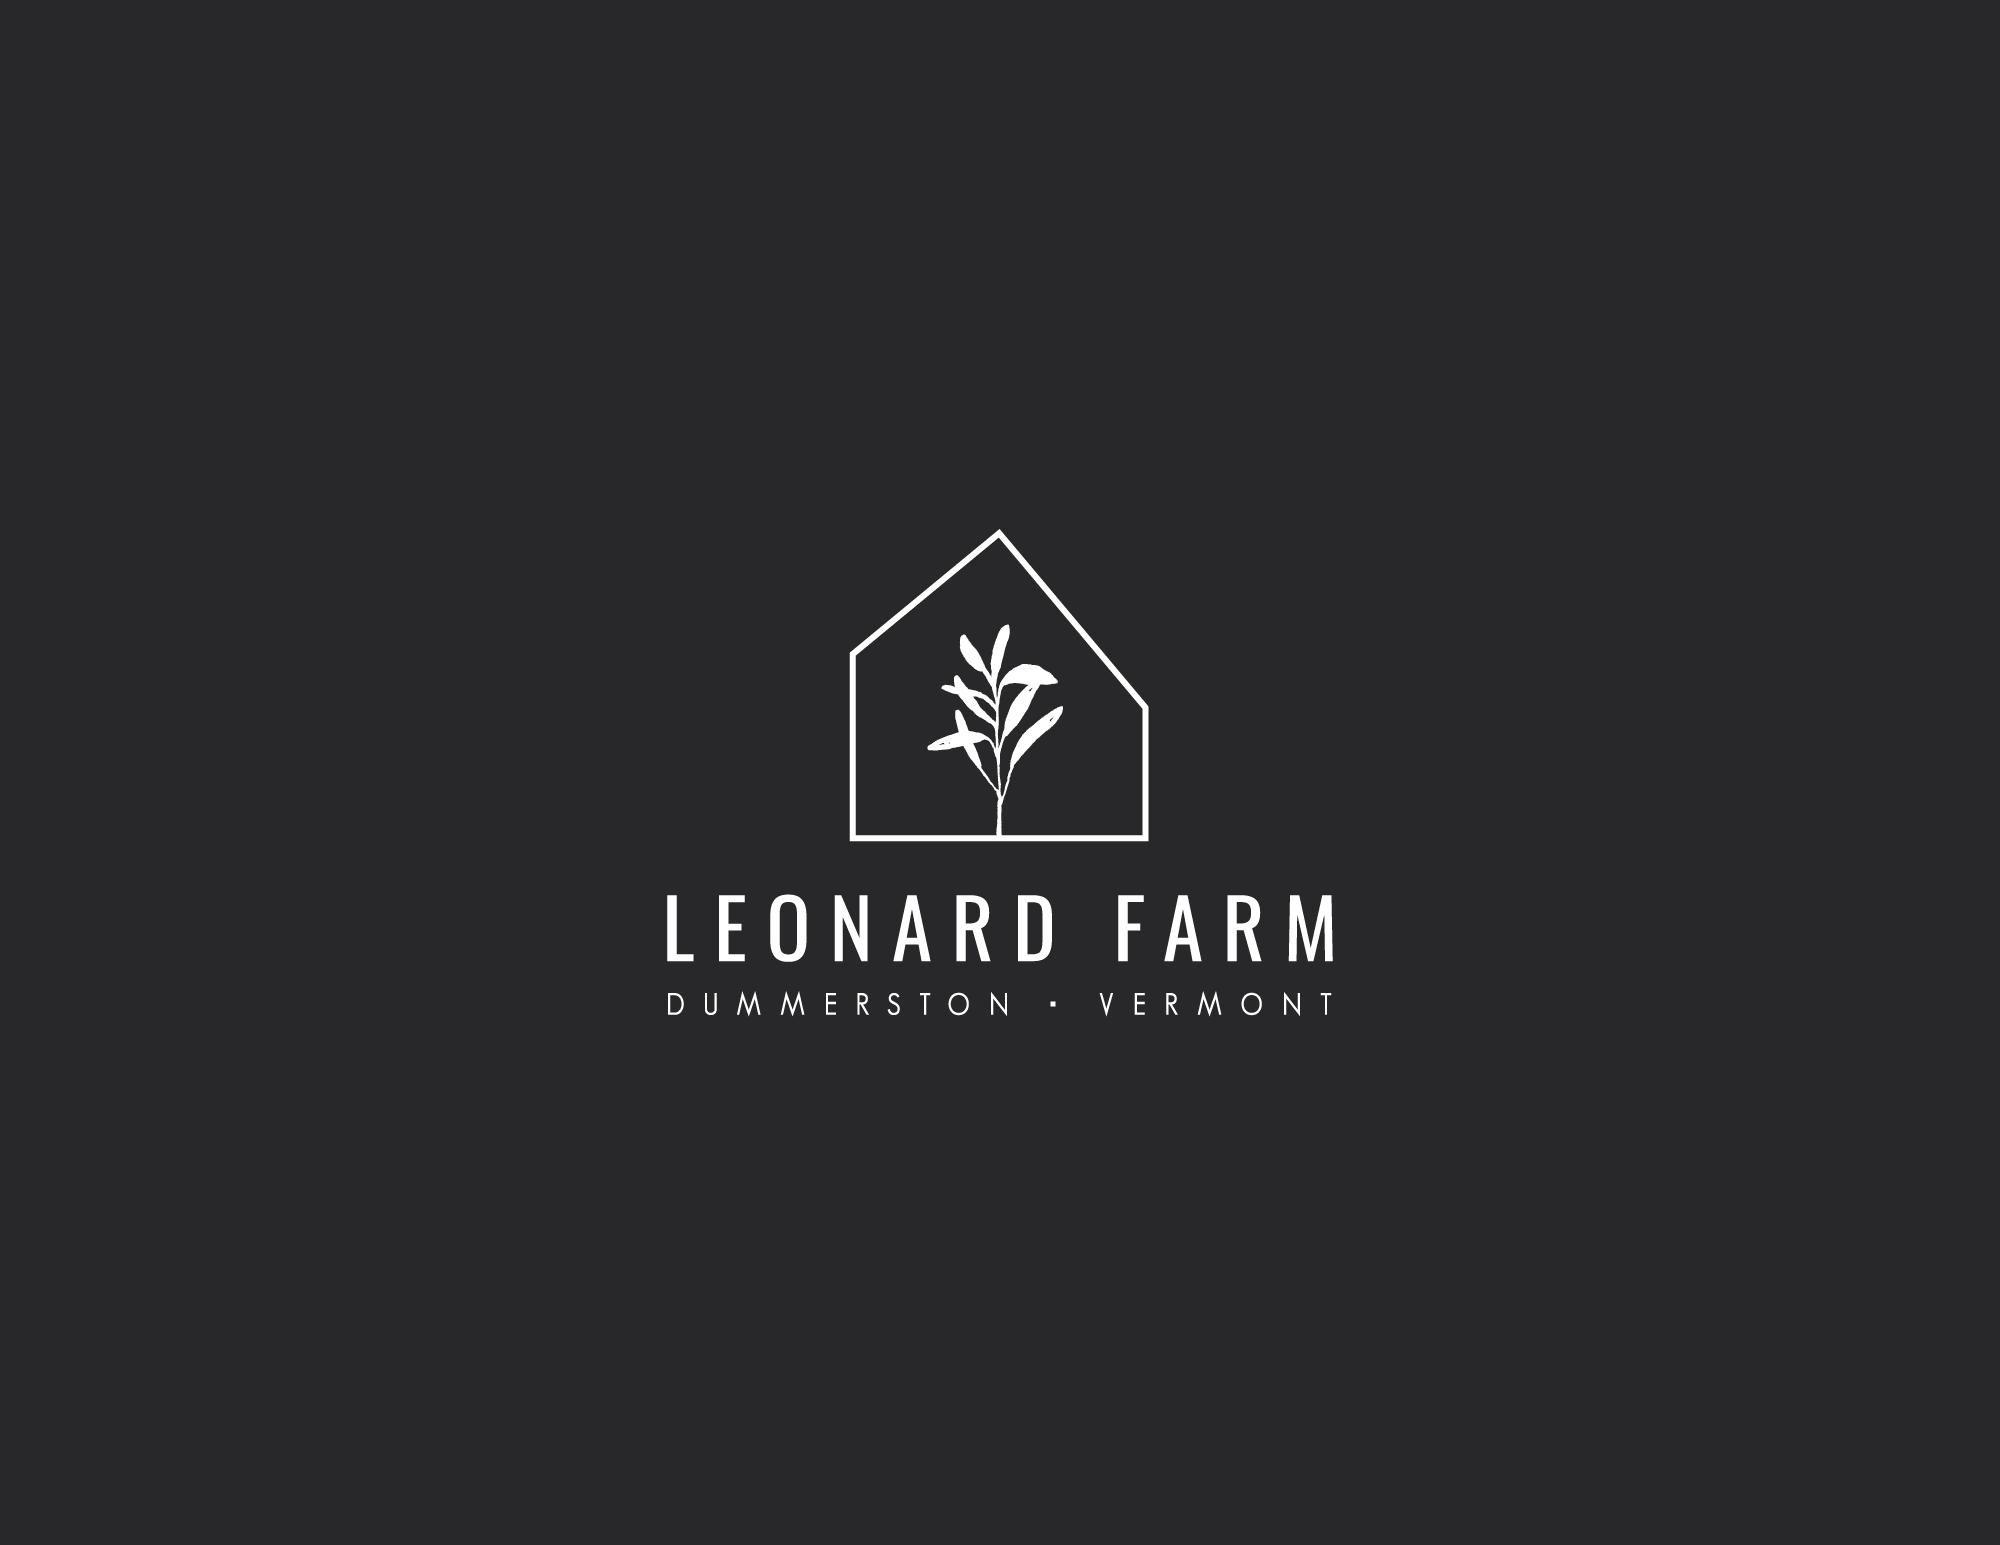 LeonardFarm.jpg